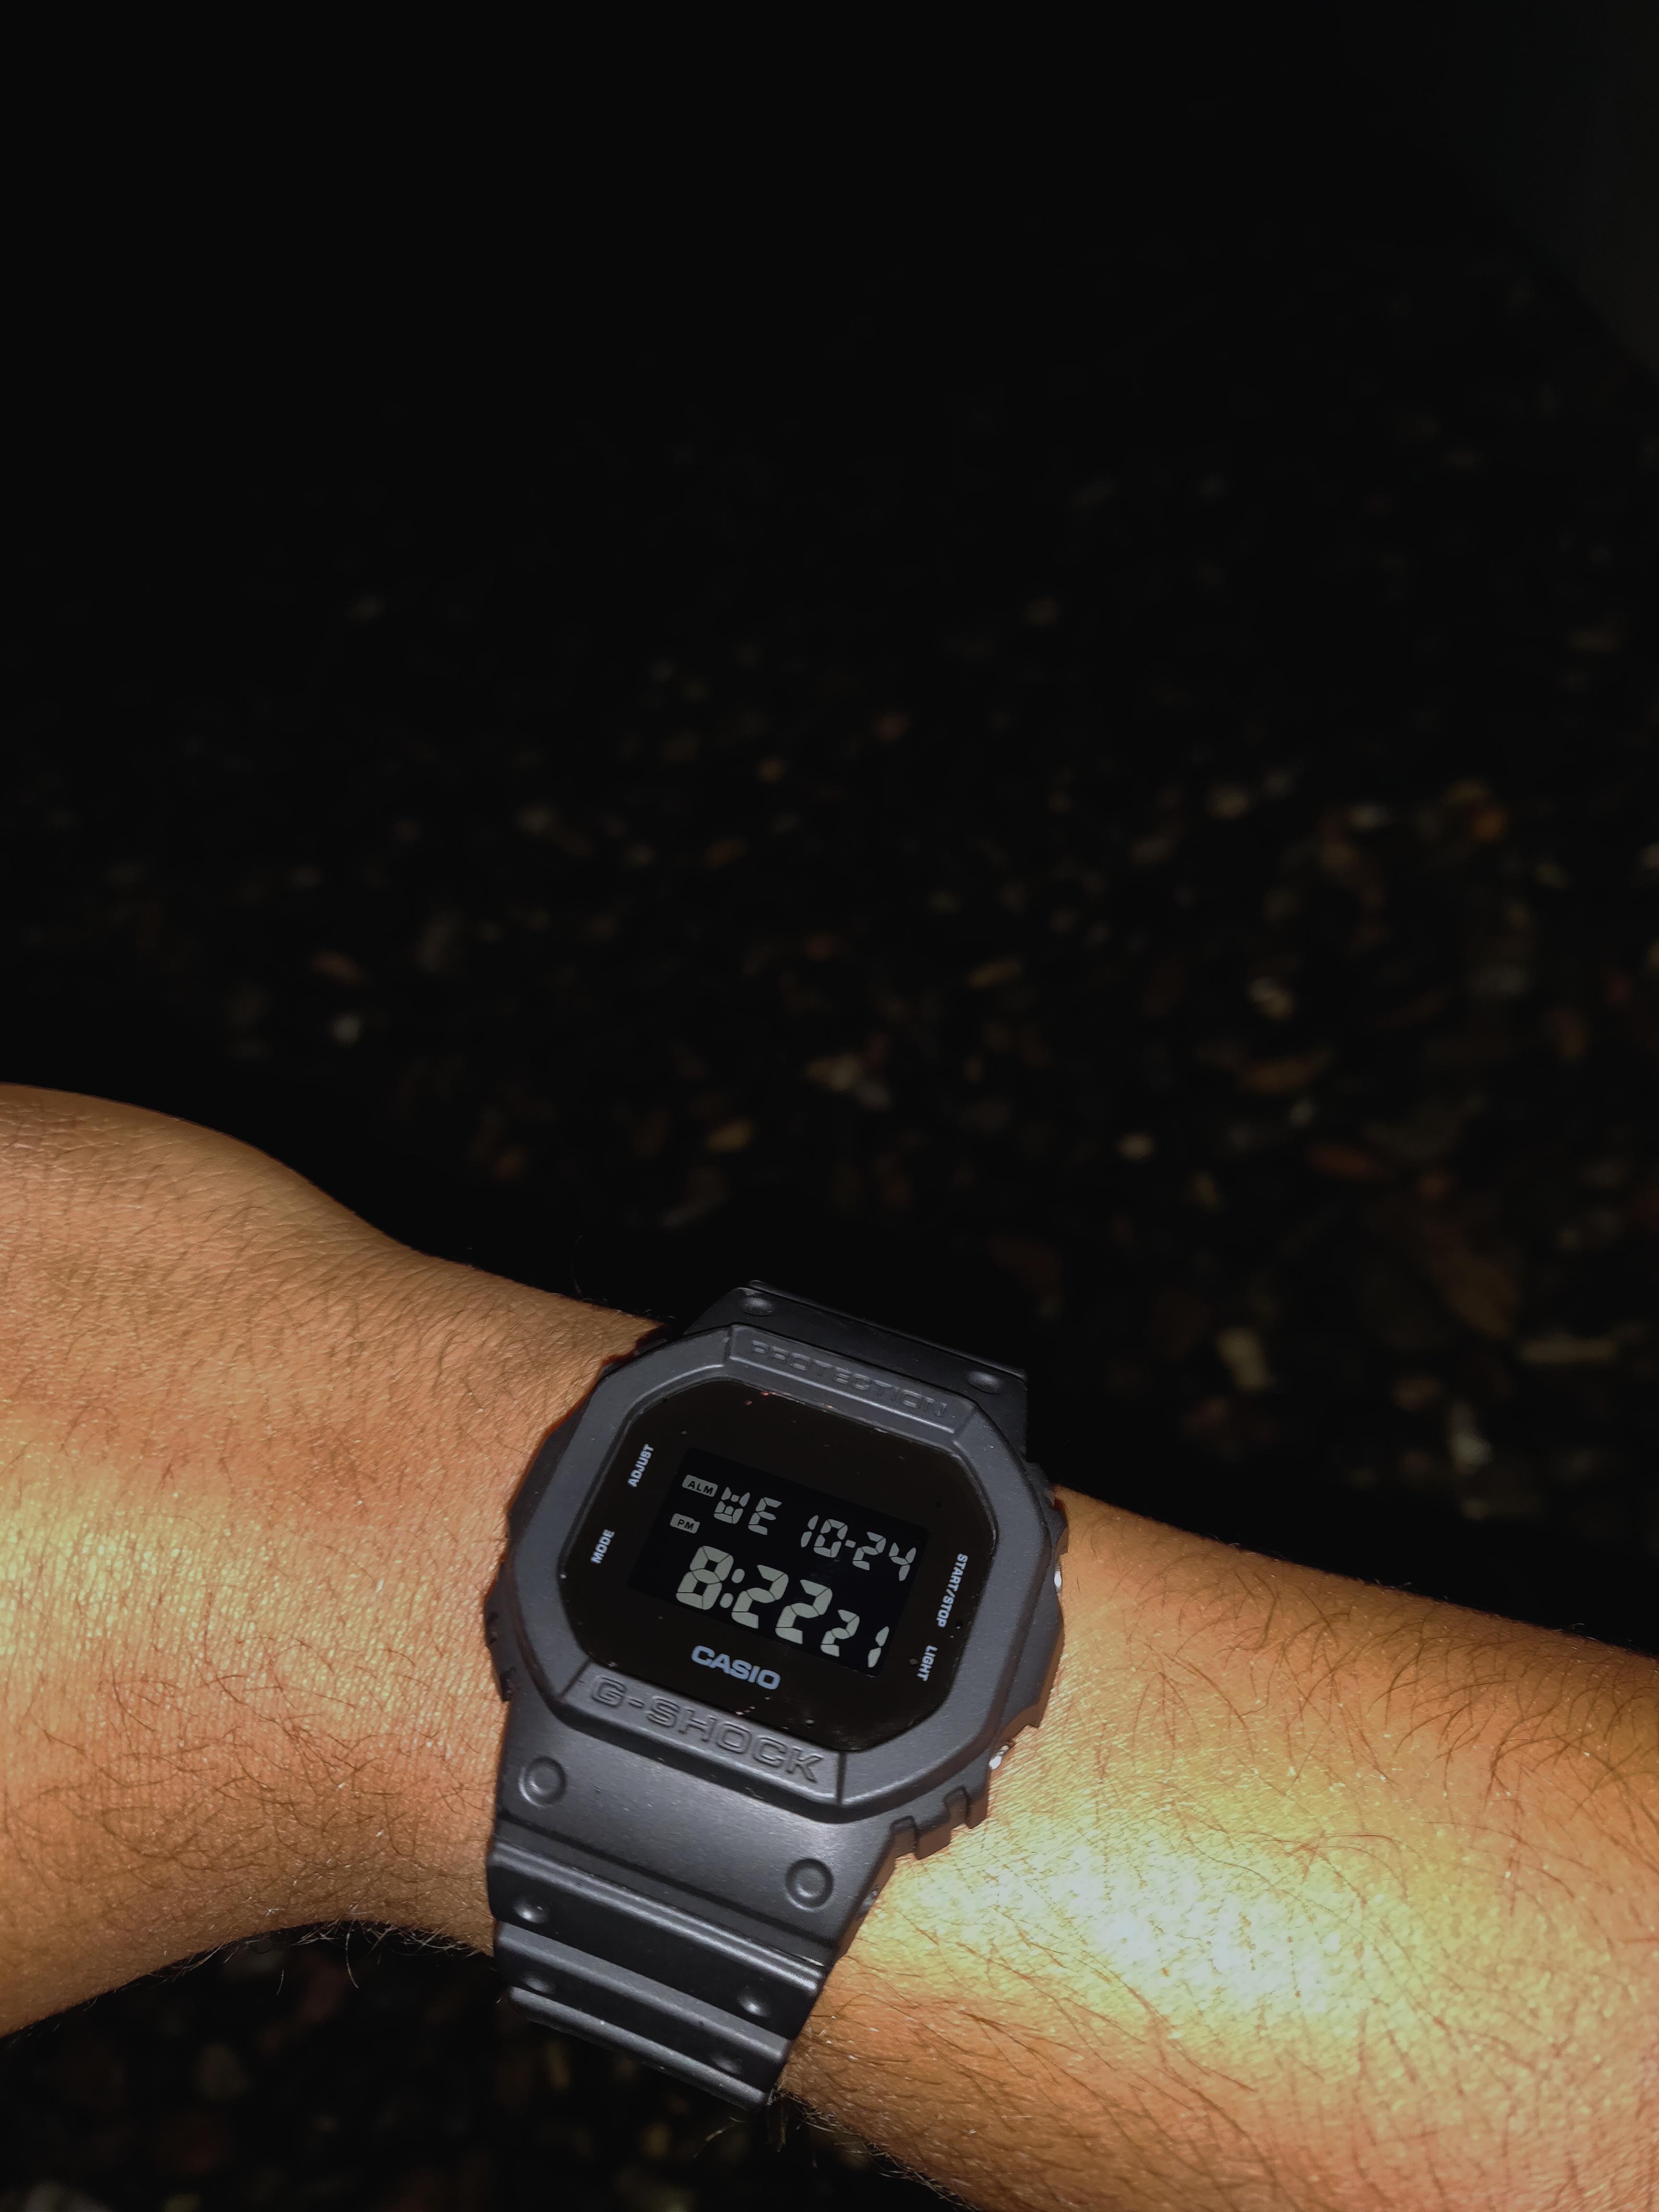 89a0f8b33f1 Casio  Stealthy G-Shock in the dark